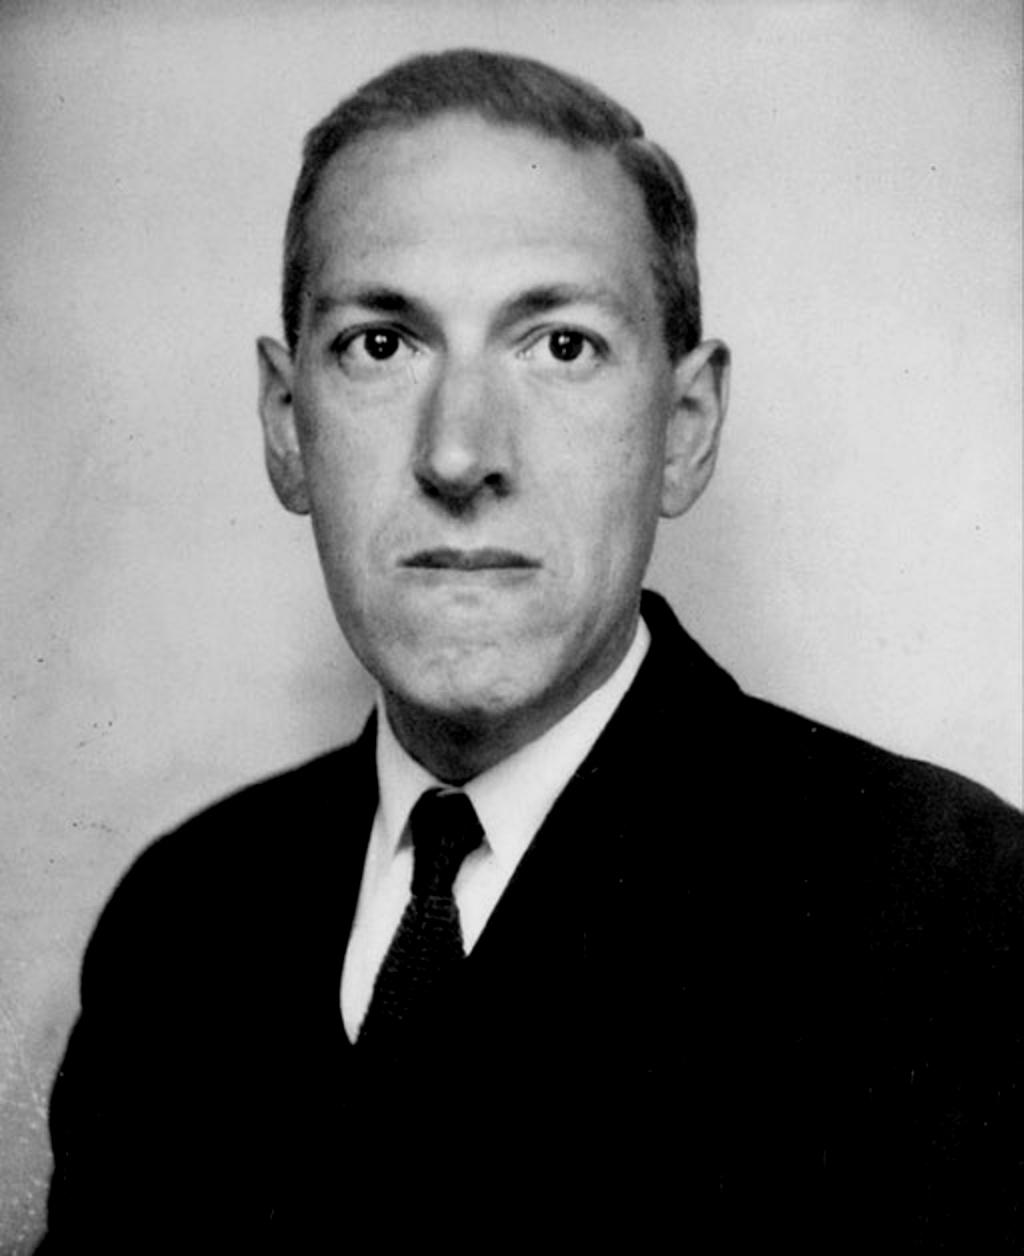 H. P. Lovecraft, The Necronomicon